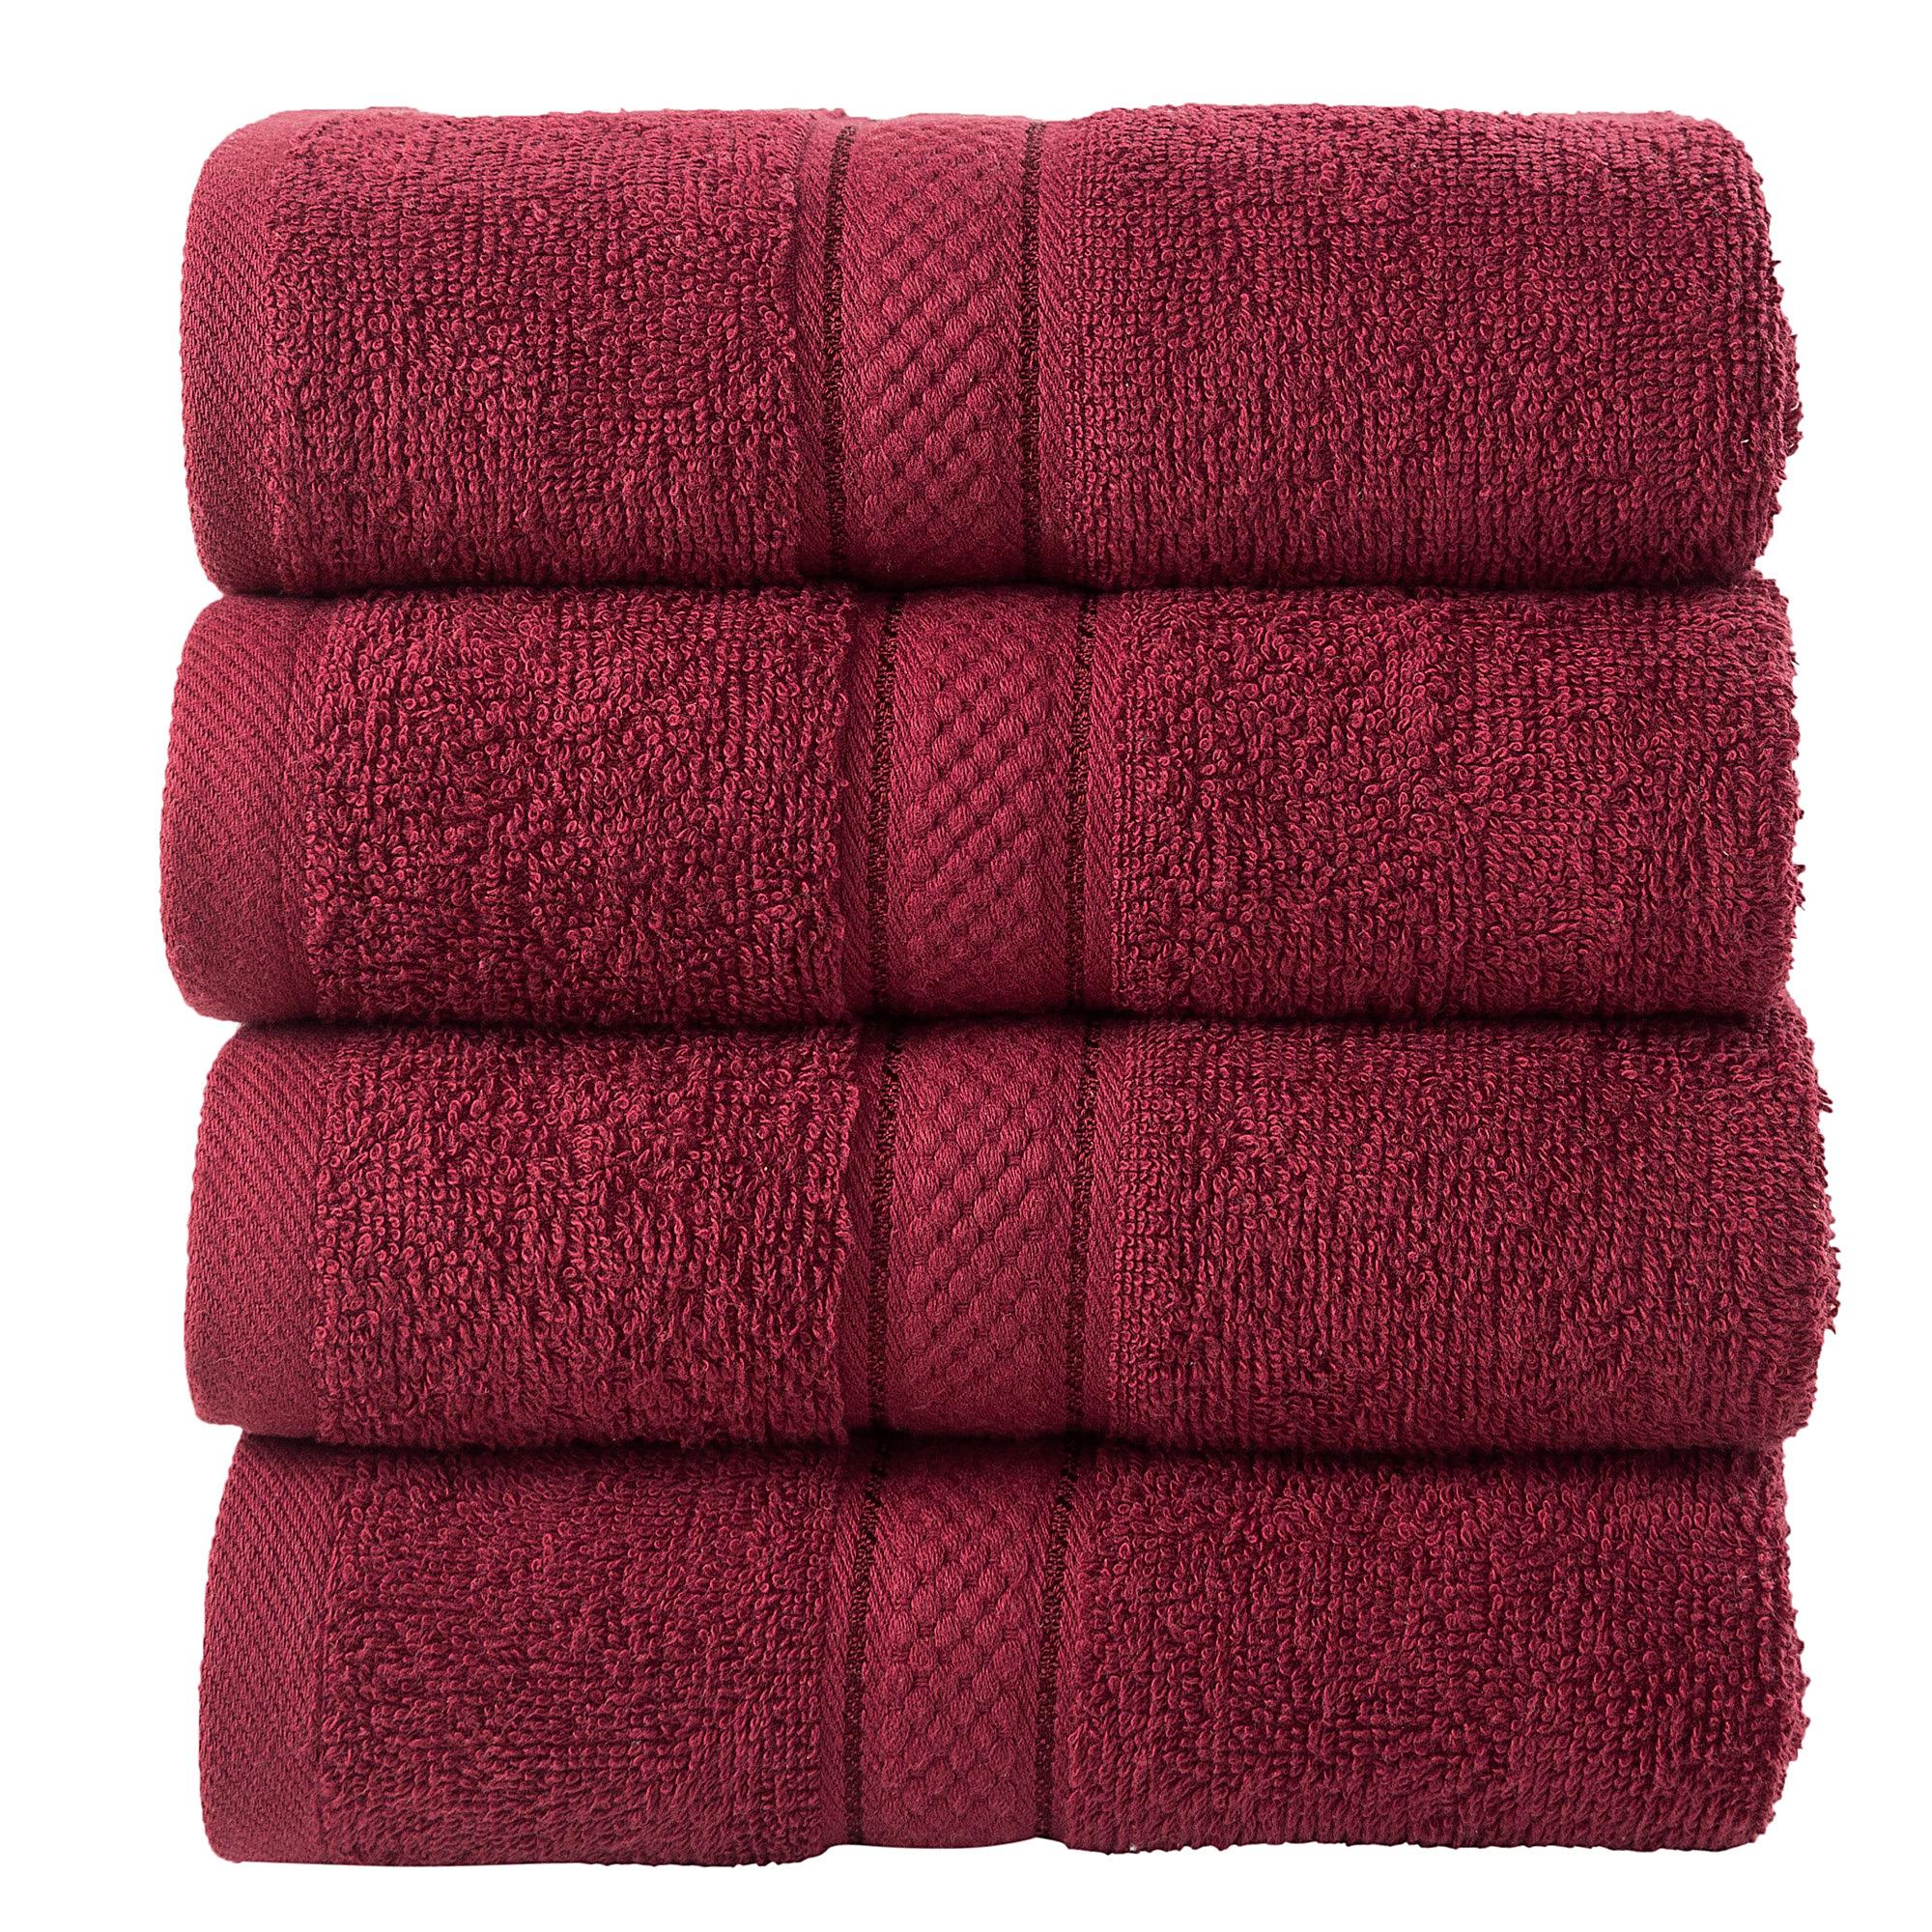 4 Pcs Hand Cotton Towel Bale Set Burgandy Plain